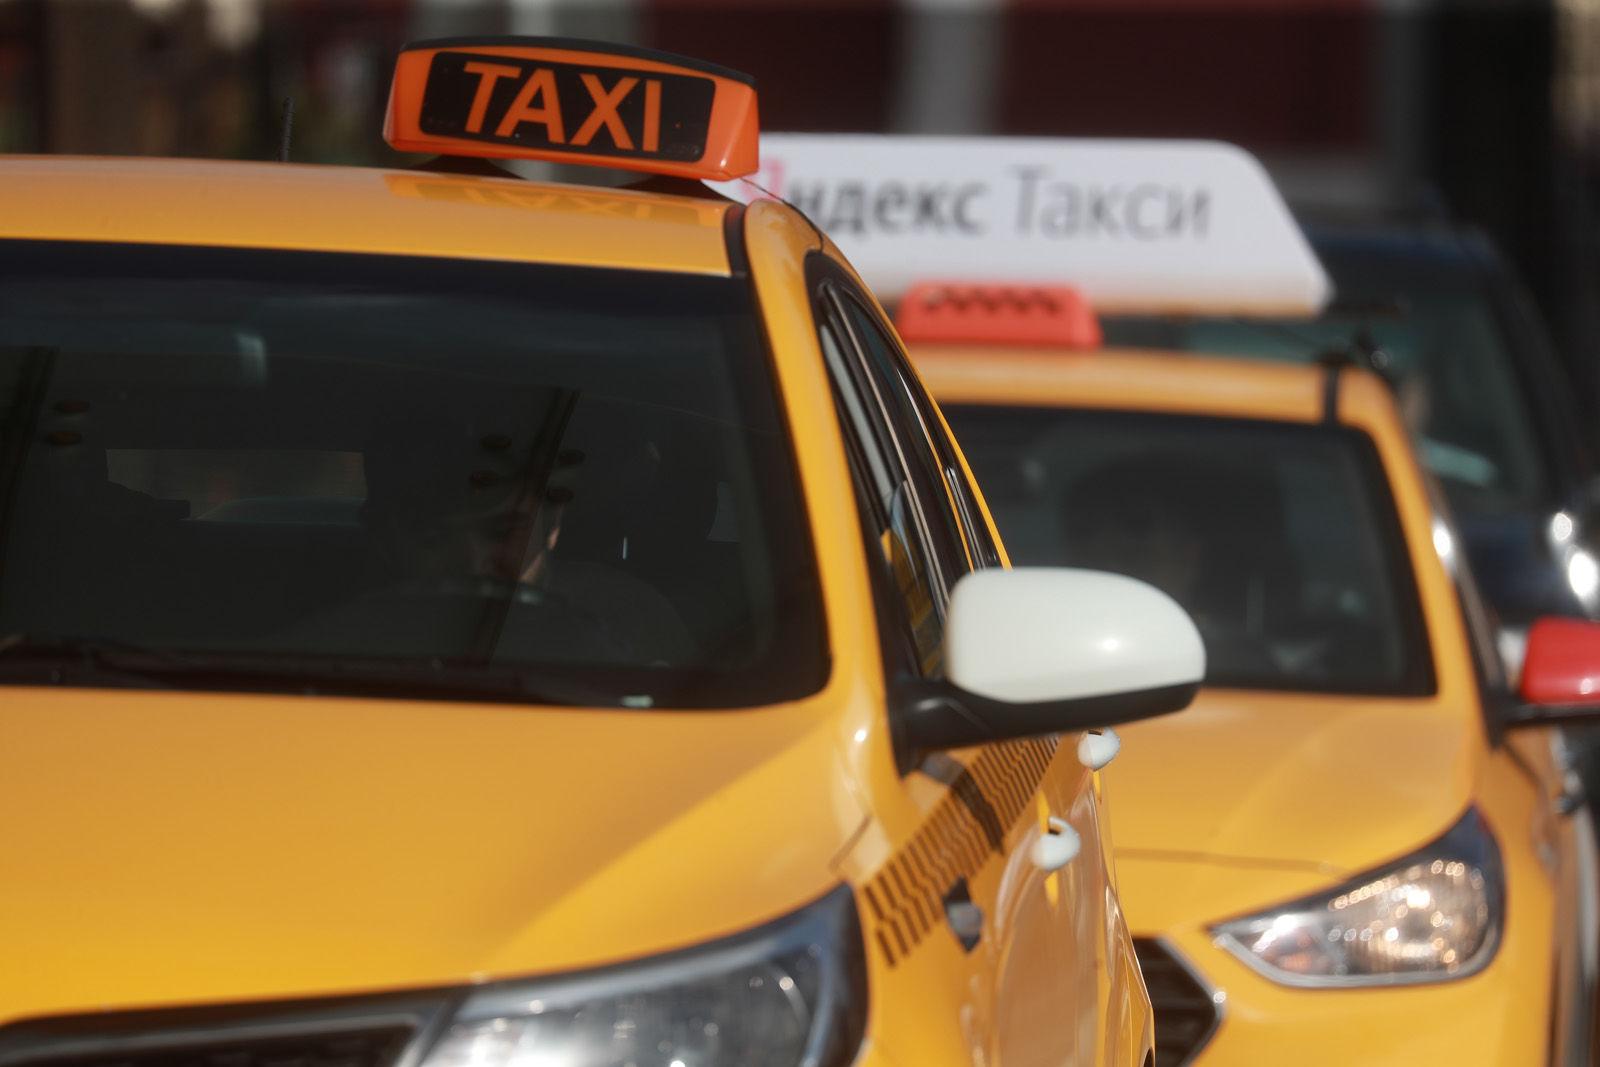 Перевозка «Гелика» автомобилем такси: теперь мы видели всё